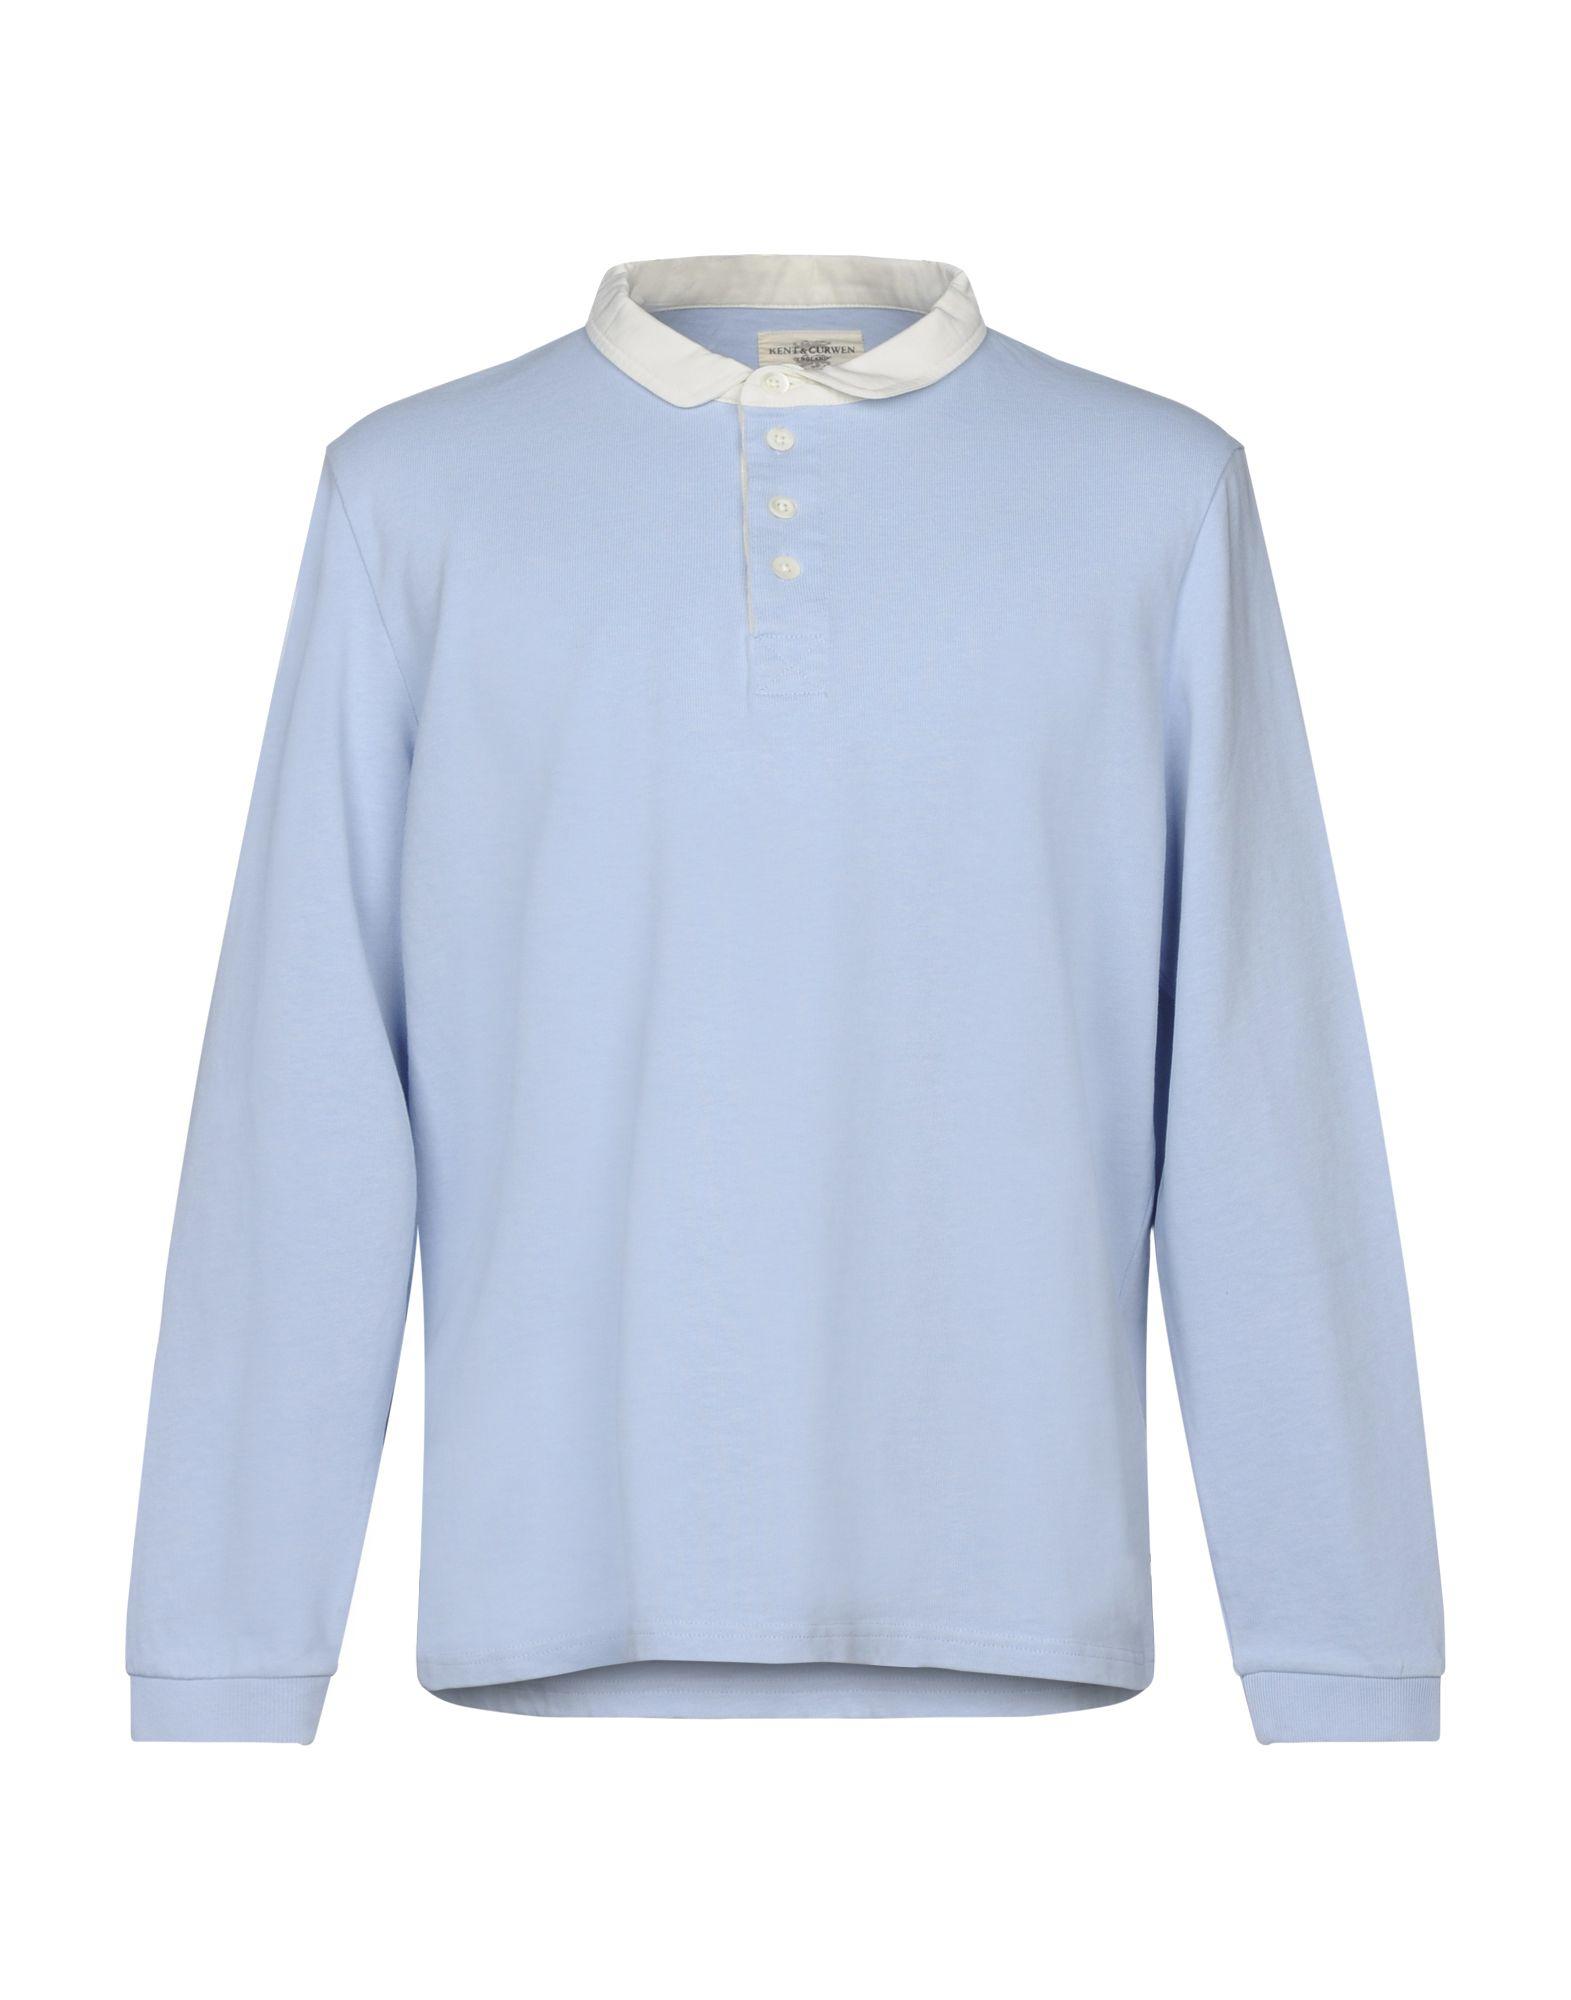 《送料無料》KENT & CURWEN メンズ ポロシャツ スカイブルー XS コットン 100%